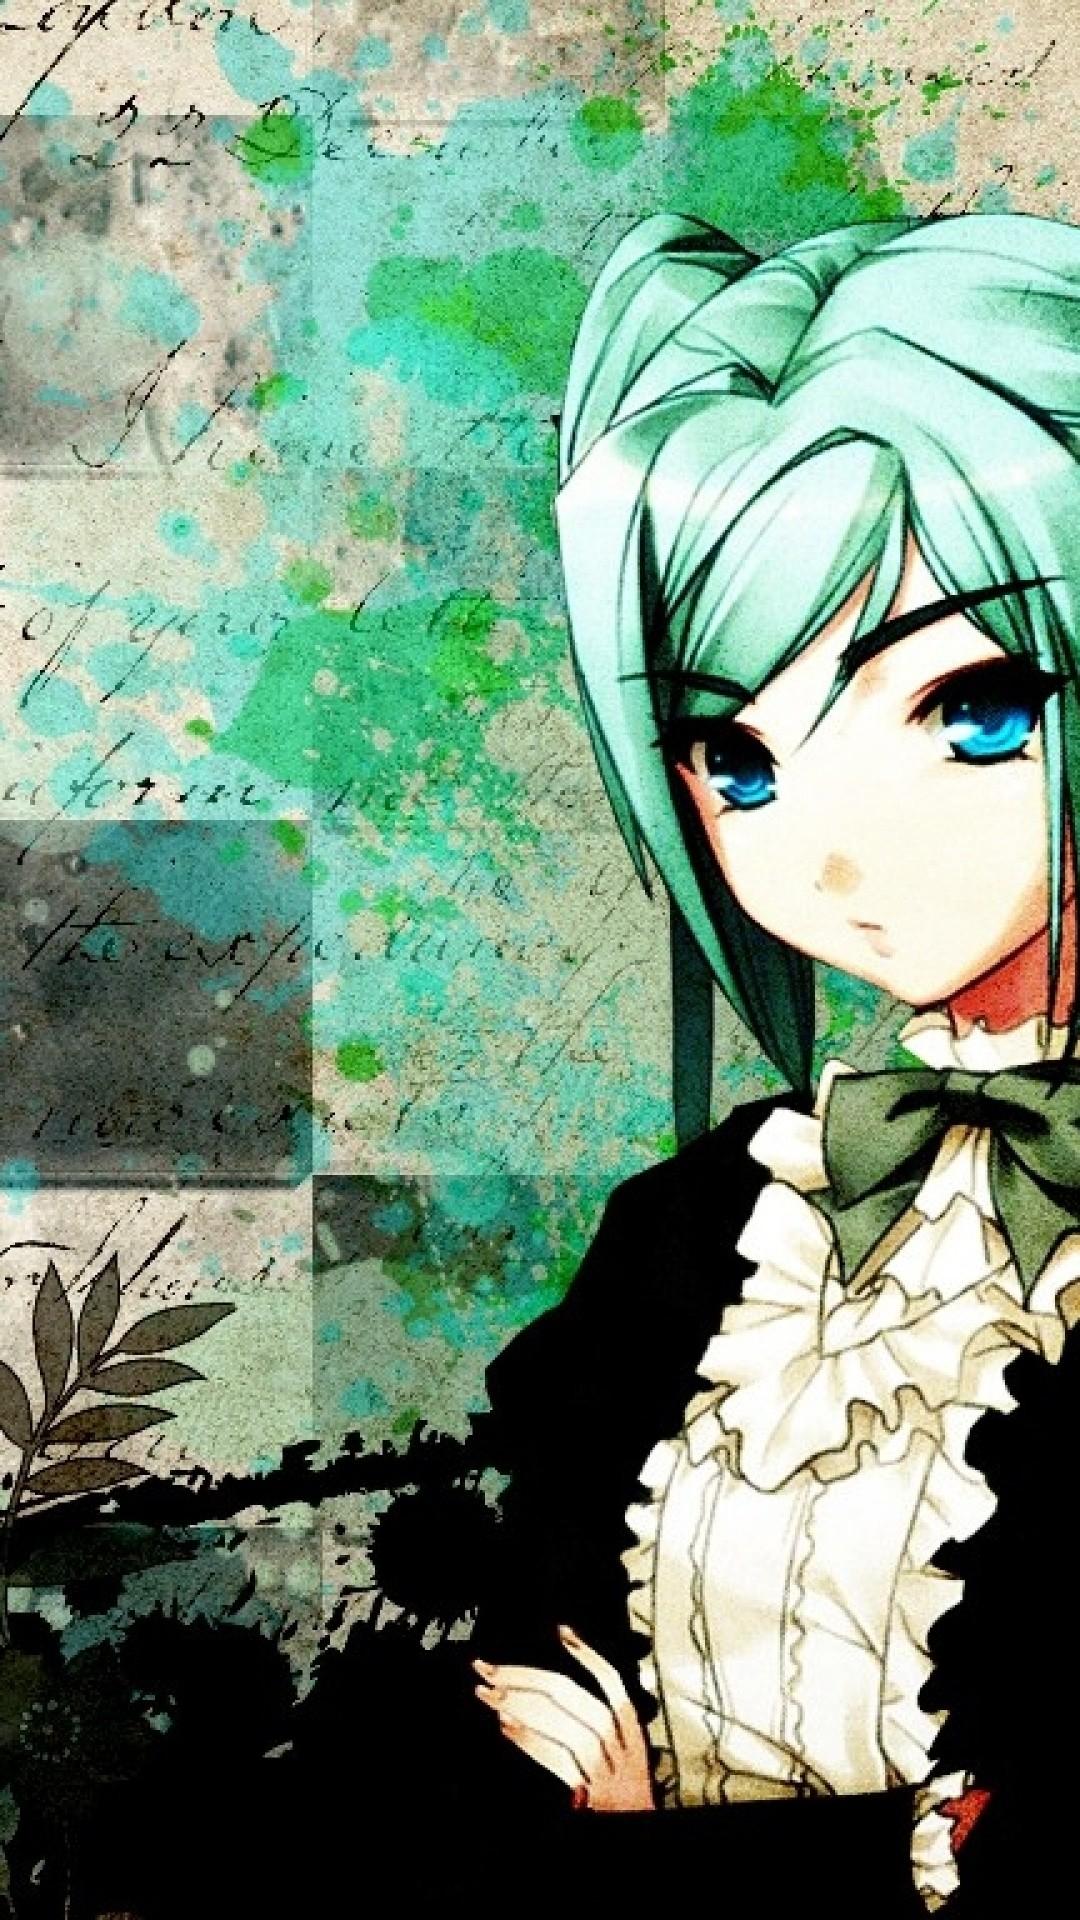 Anime Girl Green Hair Cross